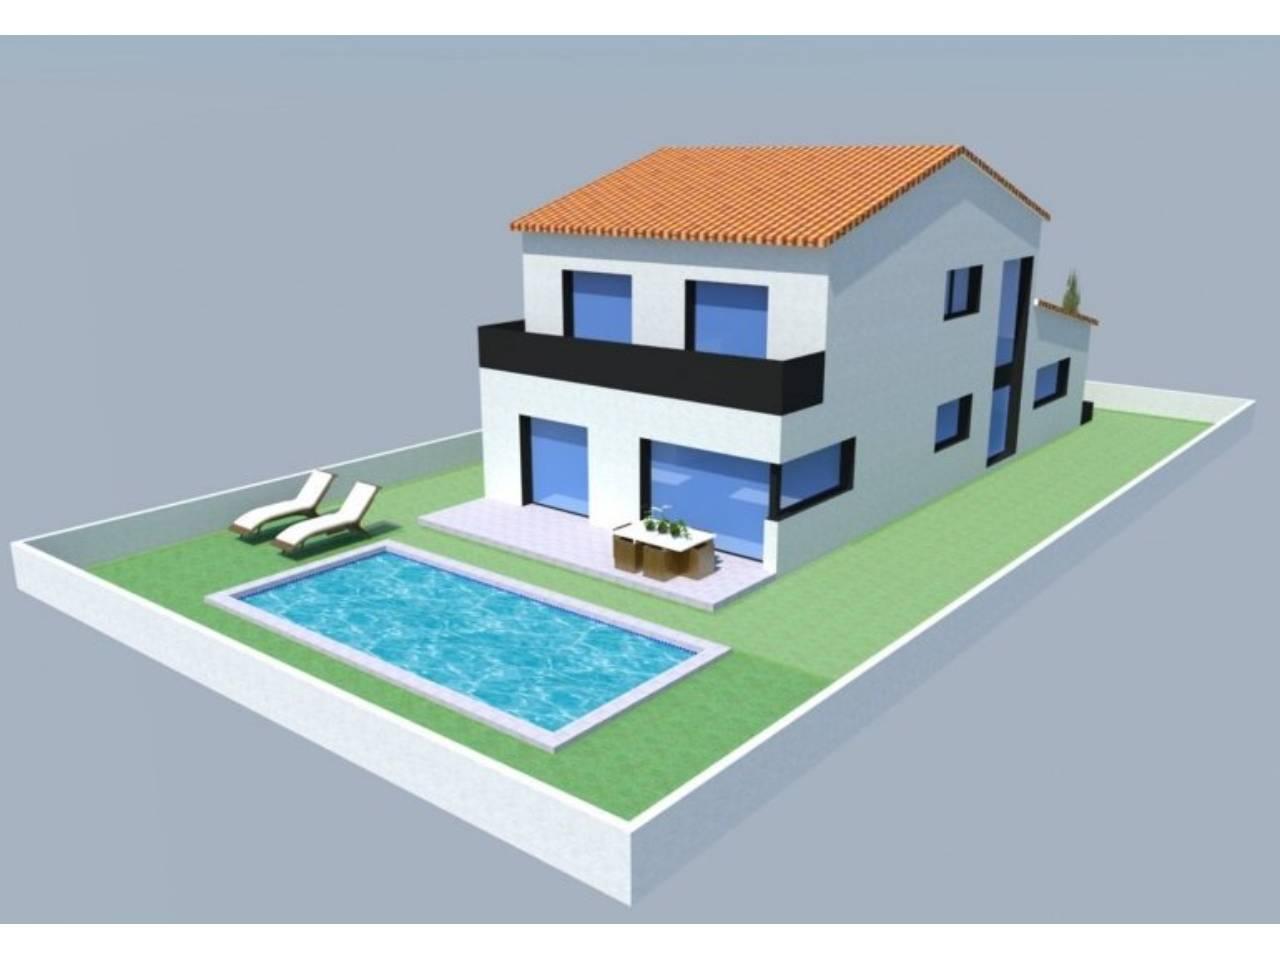 060446 - ROSES -LA GARRIGA House model PERALADA